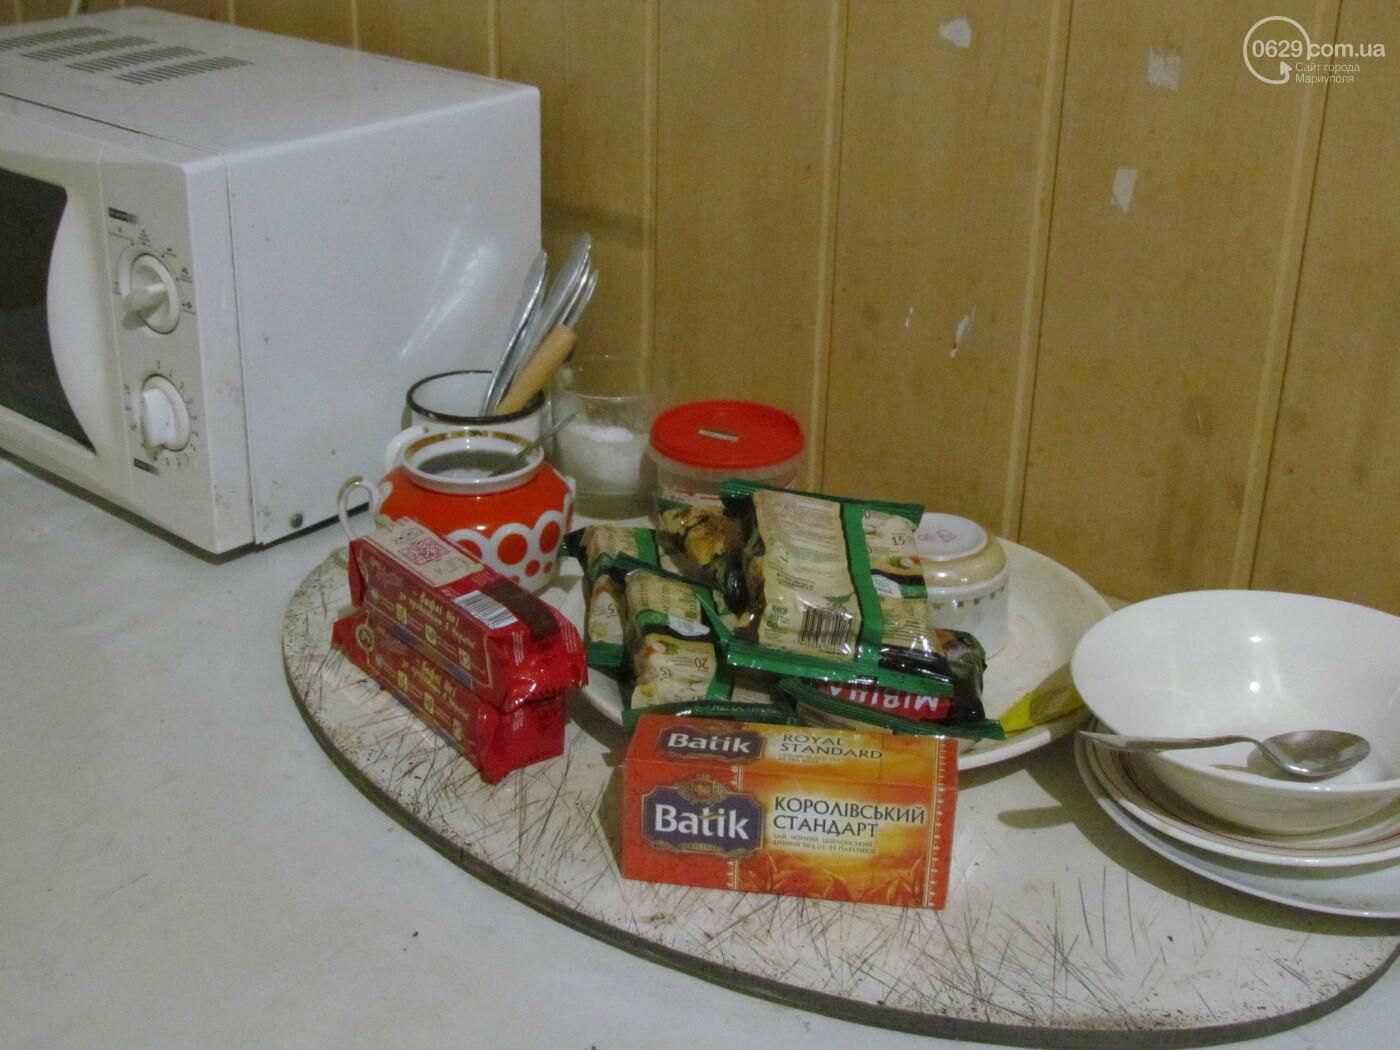 """Чай, """"Мивина"""" и тепло. В Мариуполе работают пункты обогрева, - ФОТОРЕПОРТАЖ , фото-3"""